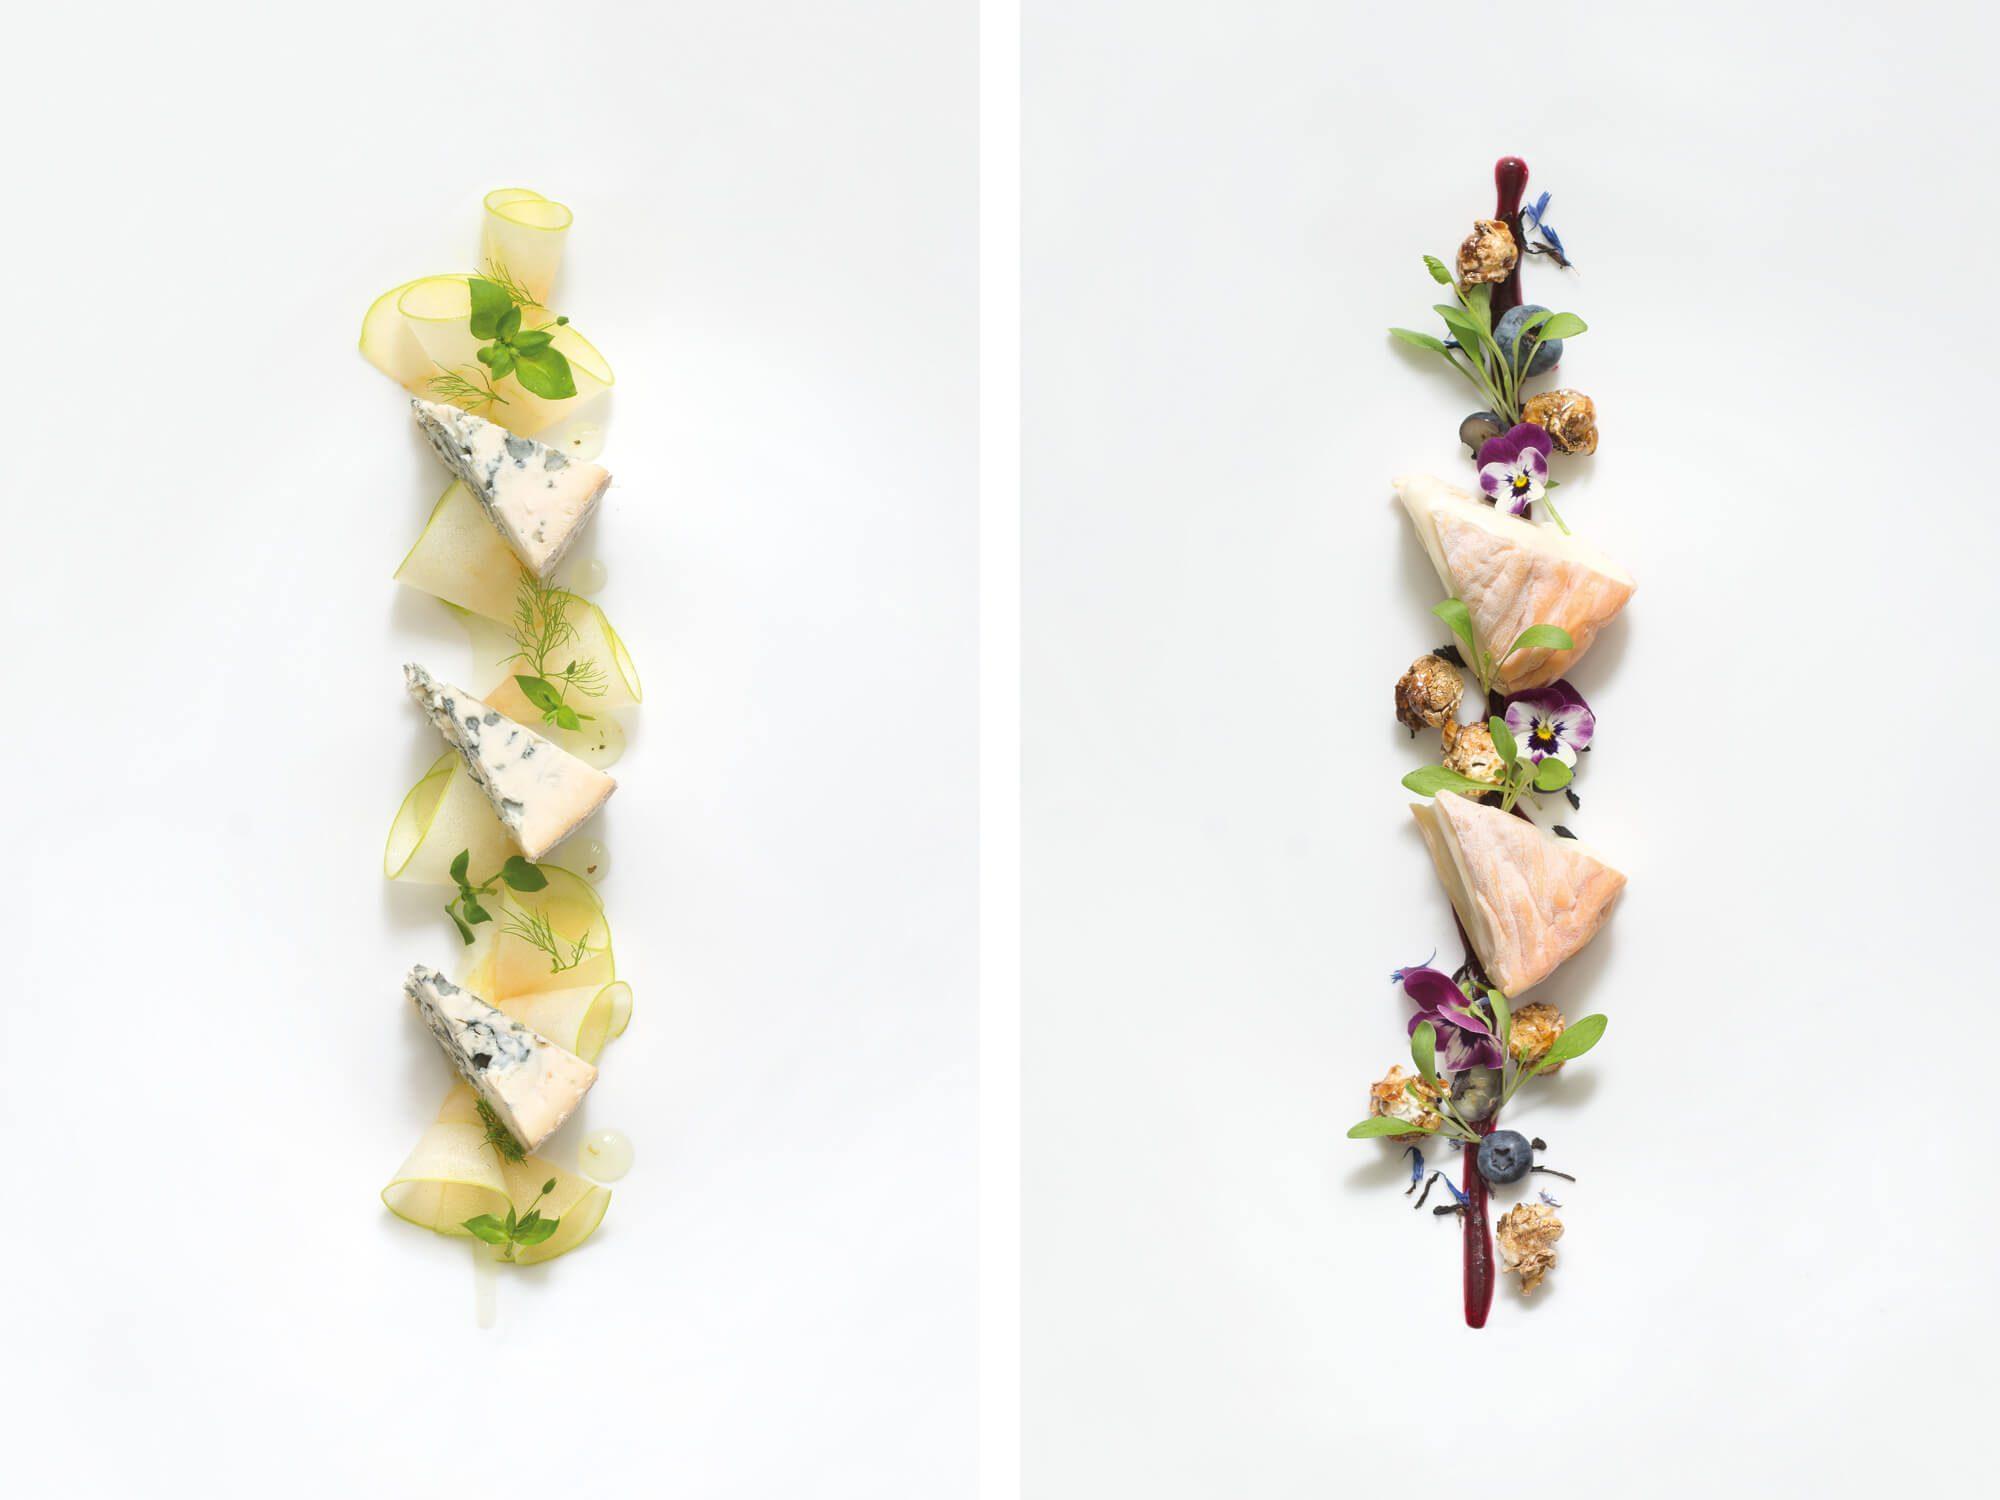 Ichetkar s'occupe de la direction artistique photo sur les recettes de fromages de Valentin NeraudeauDu fromage